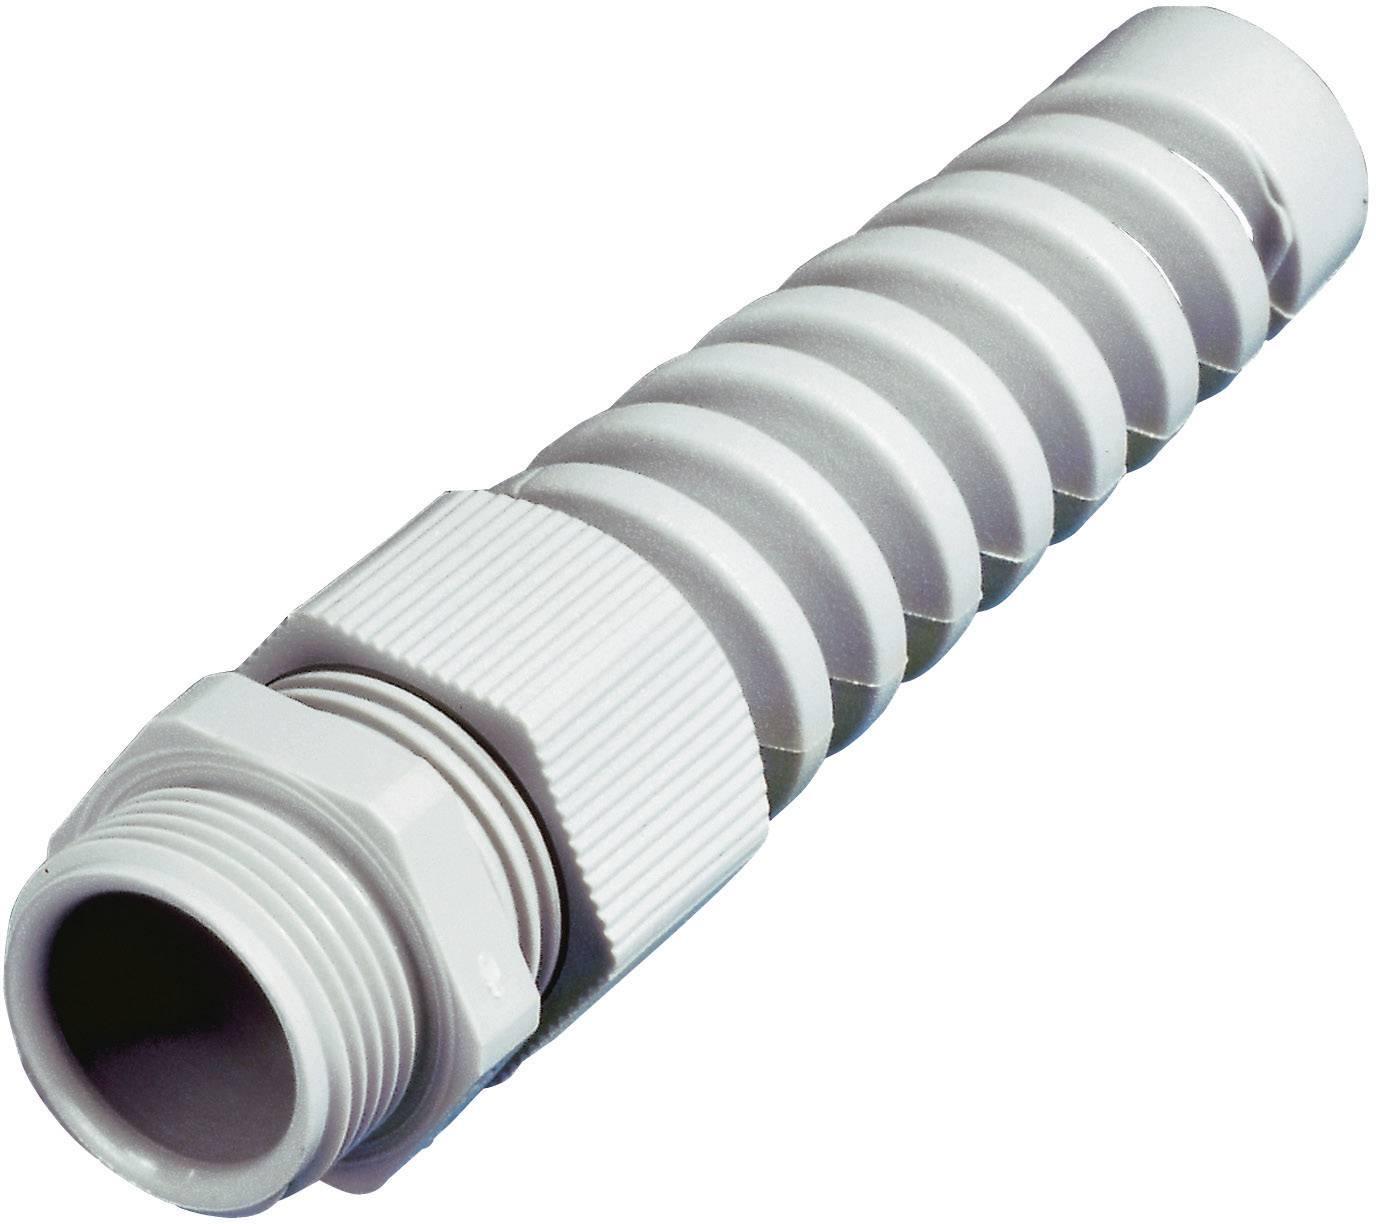 Káblová priechodka Wiska SKVS PG 13,5 RAL 7035;s odľahčením ťahu, s ochranou pred zlomením, polyamid, svetlo sivá, 1 ks